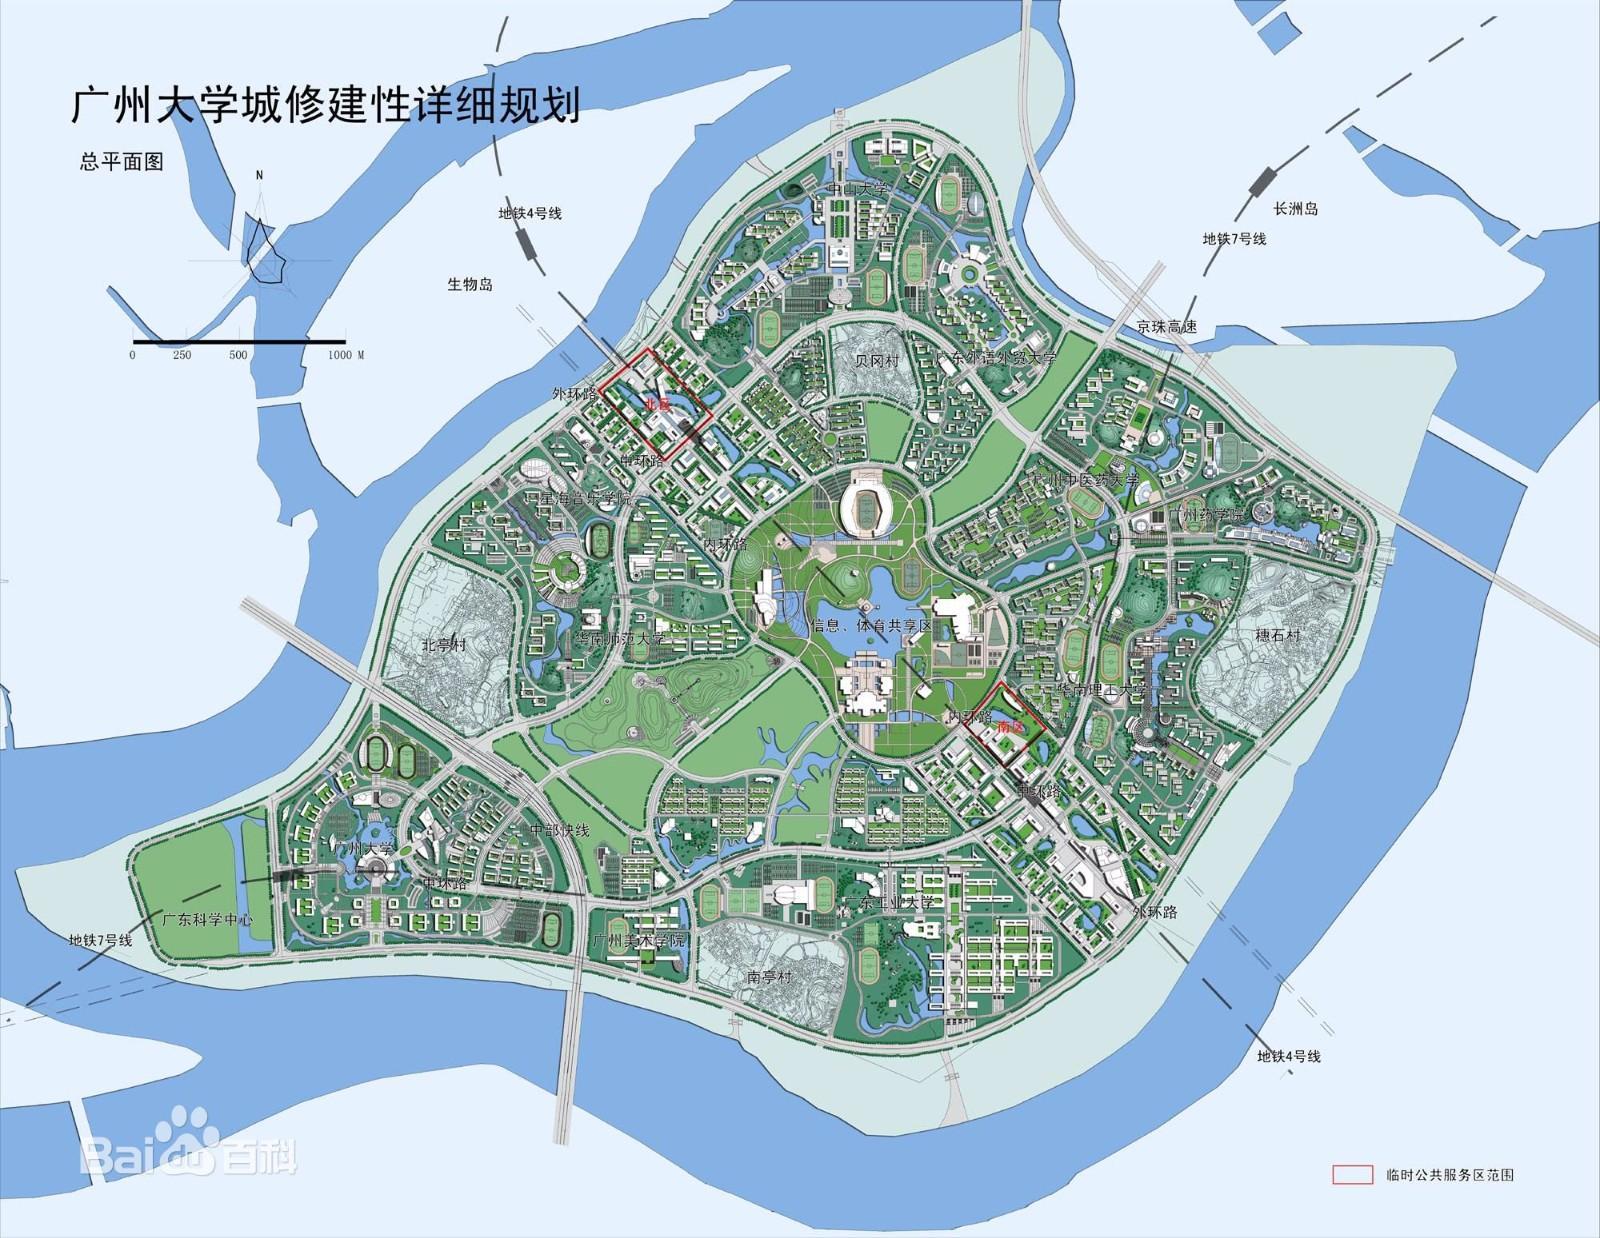 石家庄房地产网 楼市聚焦 楼市聚焦  回顾广州大学城发展历史,2003年